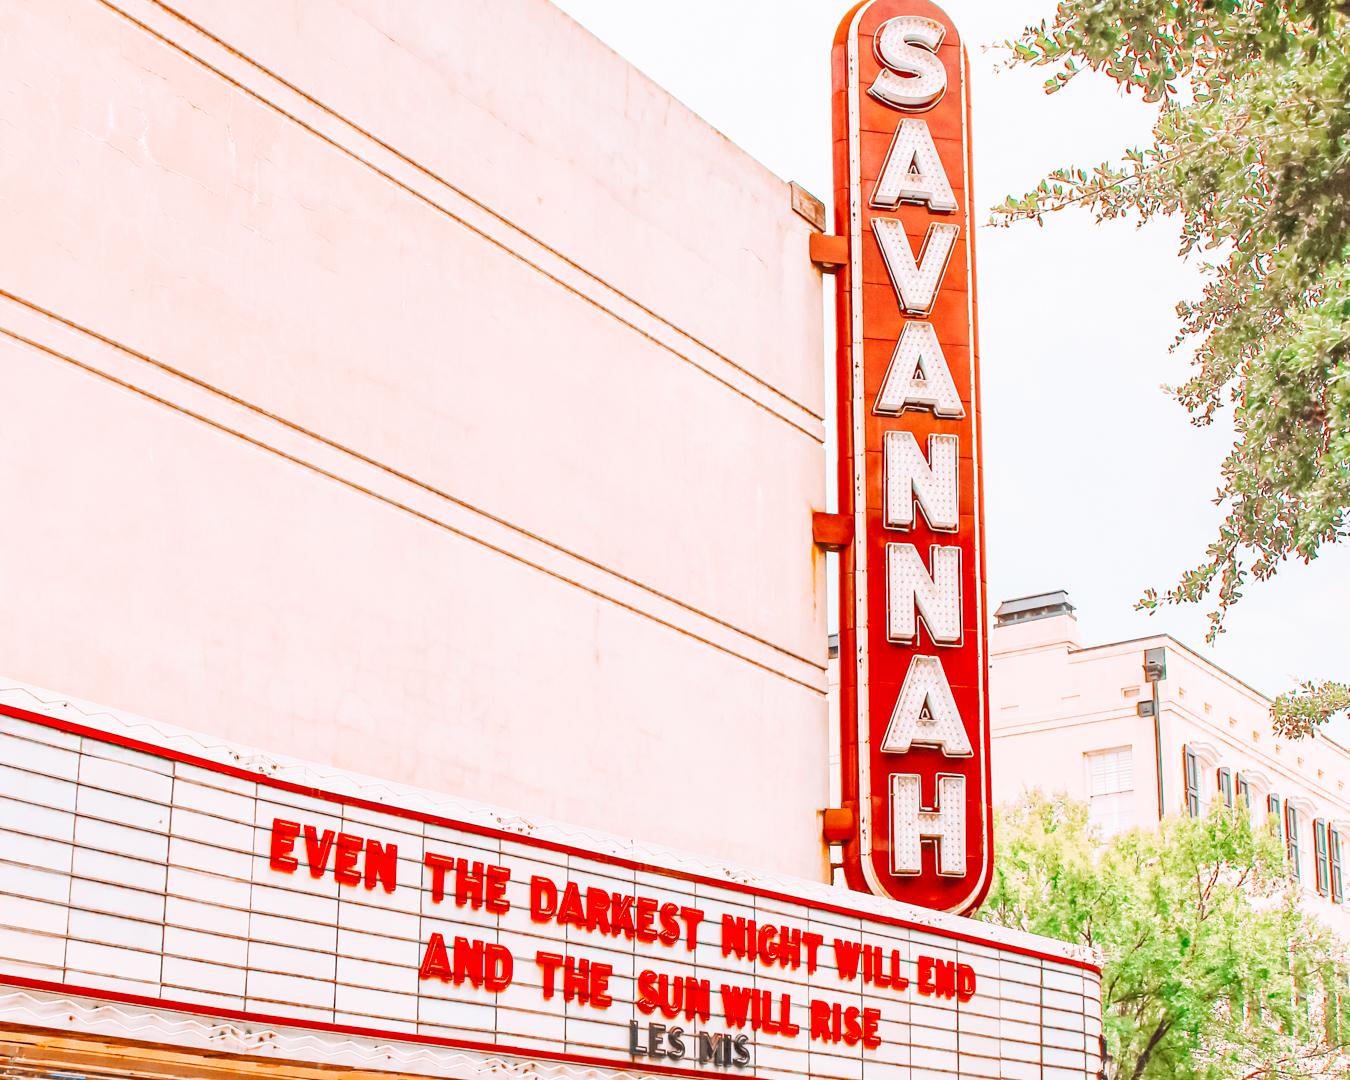 Sign of Savannah